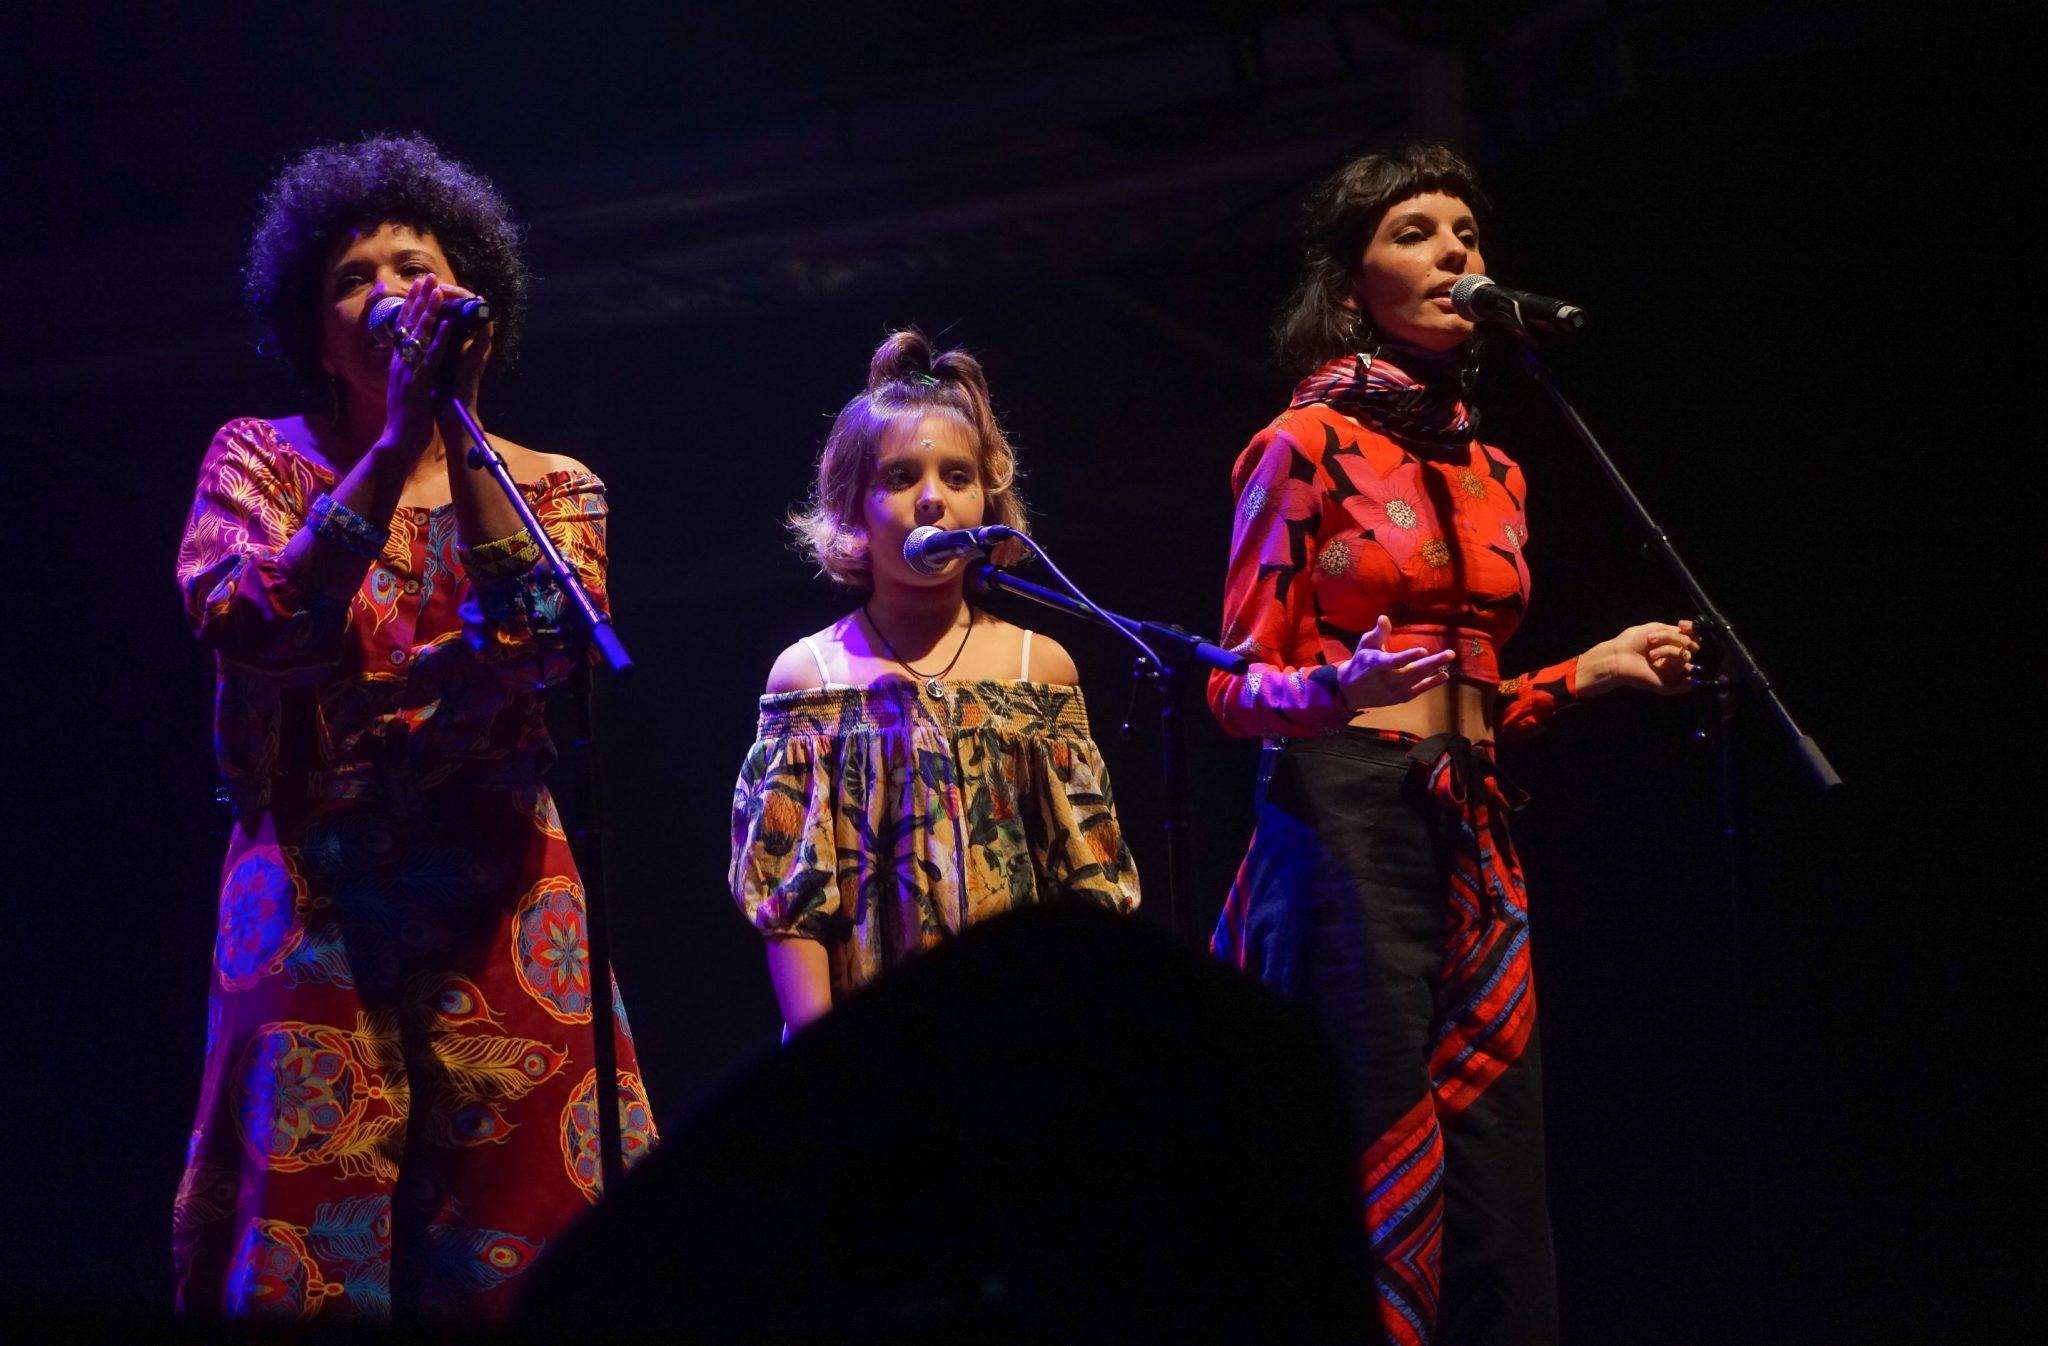 As três cantoras que atuaram no coro do concerto Refavela 40